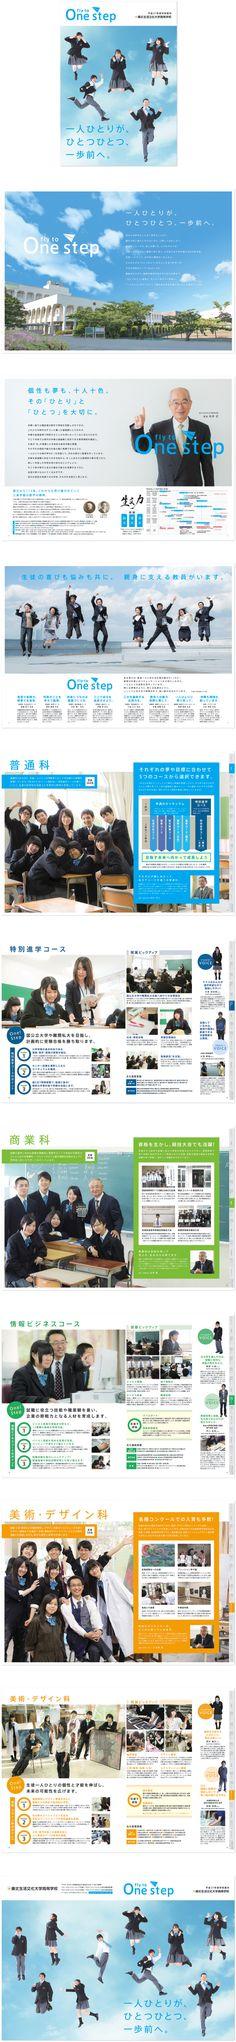 東北生活文化大学高等学校 学校案内パンフレット2014